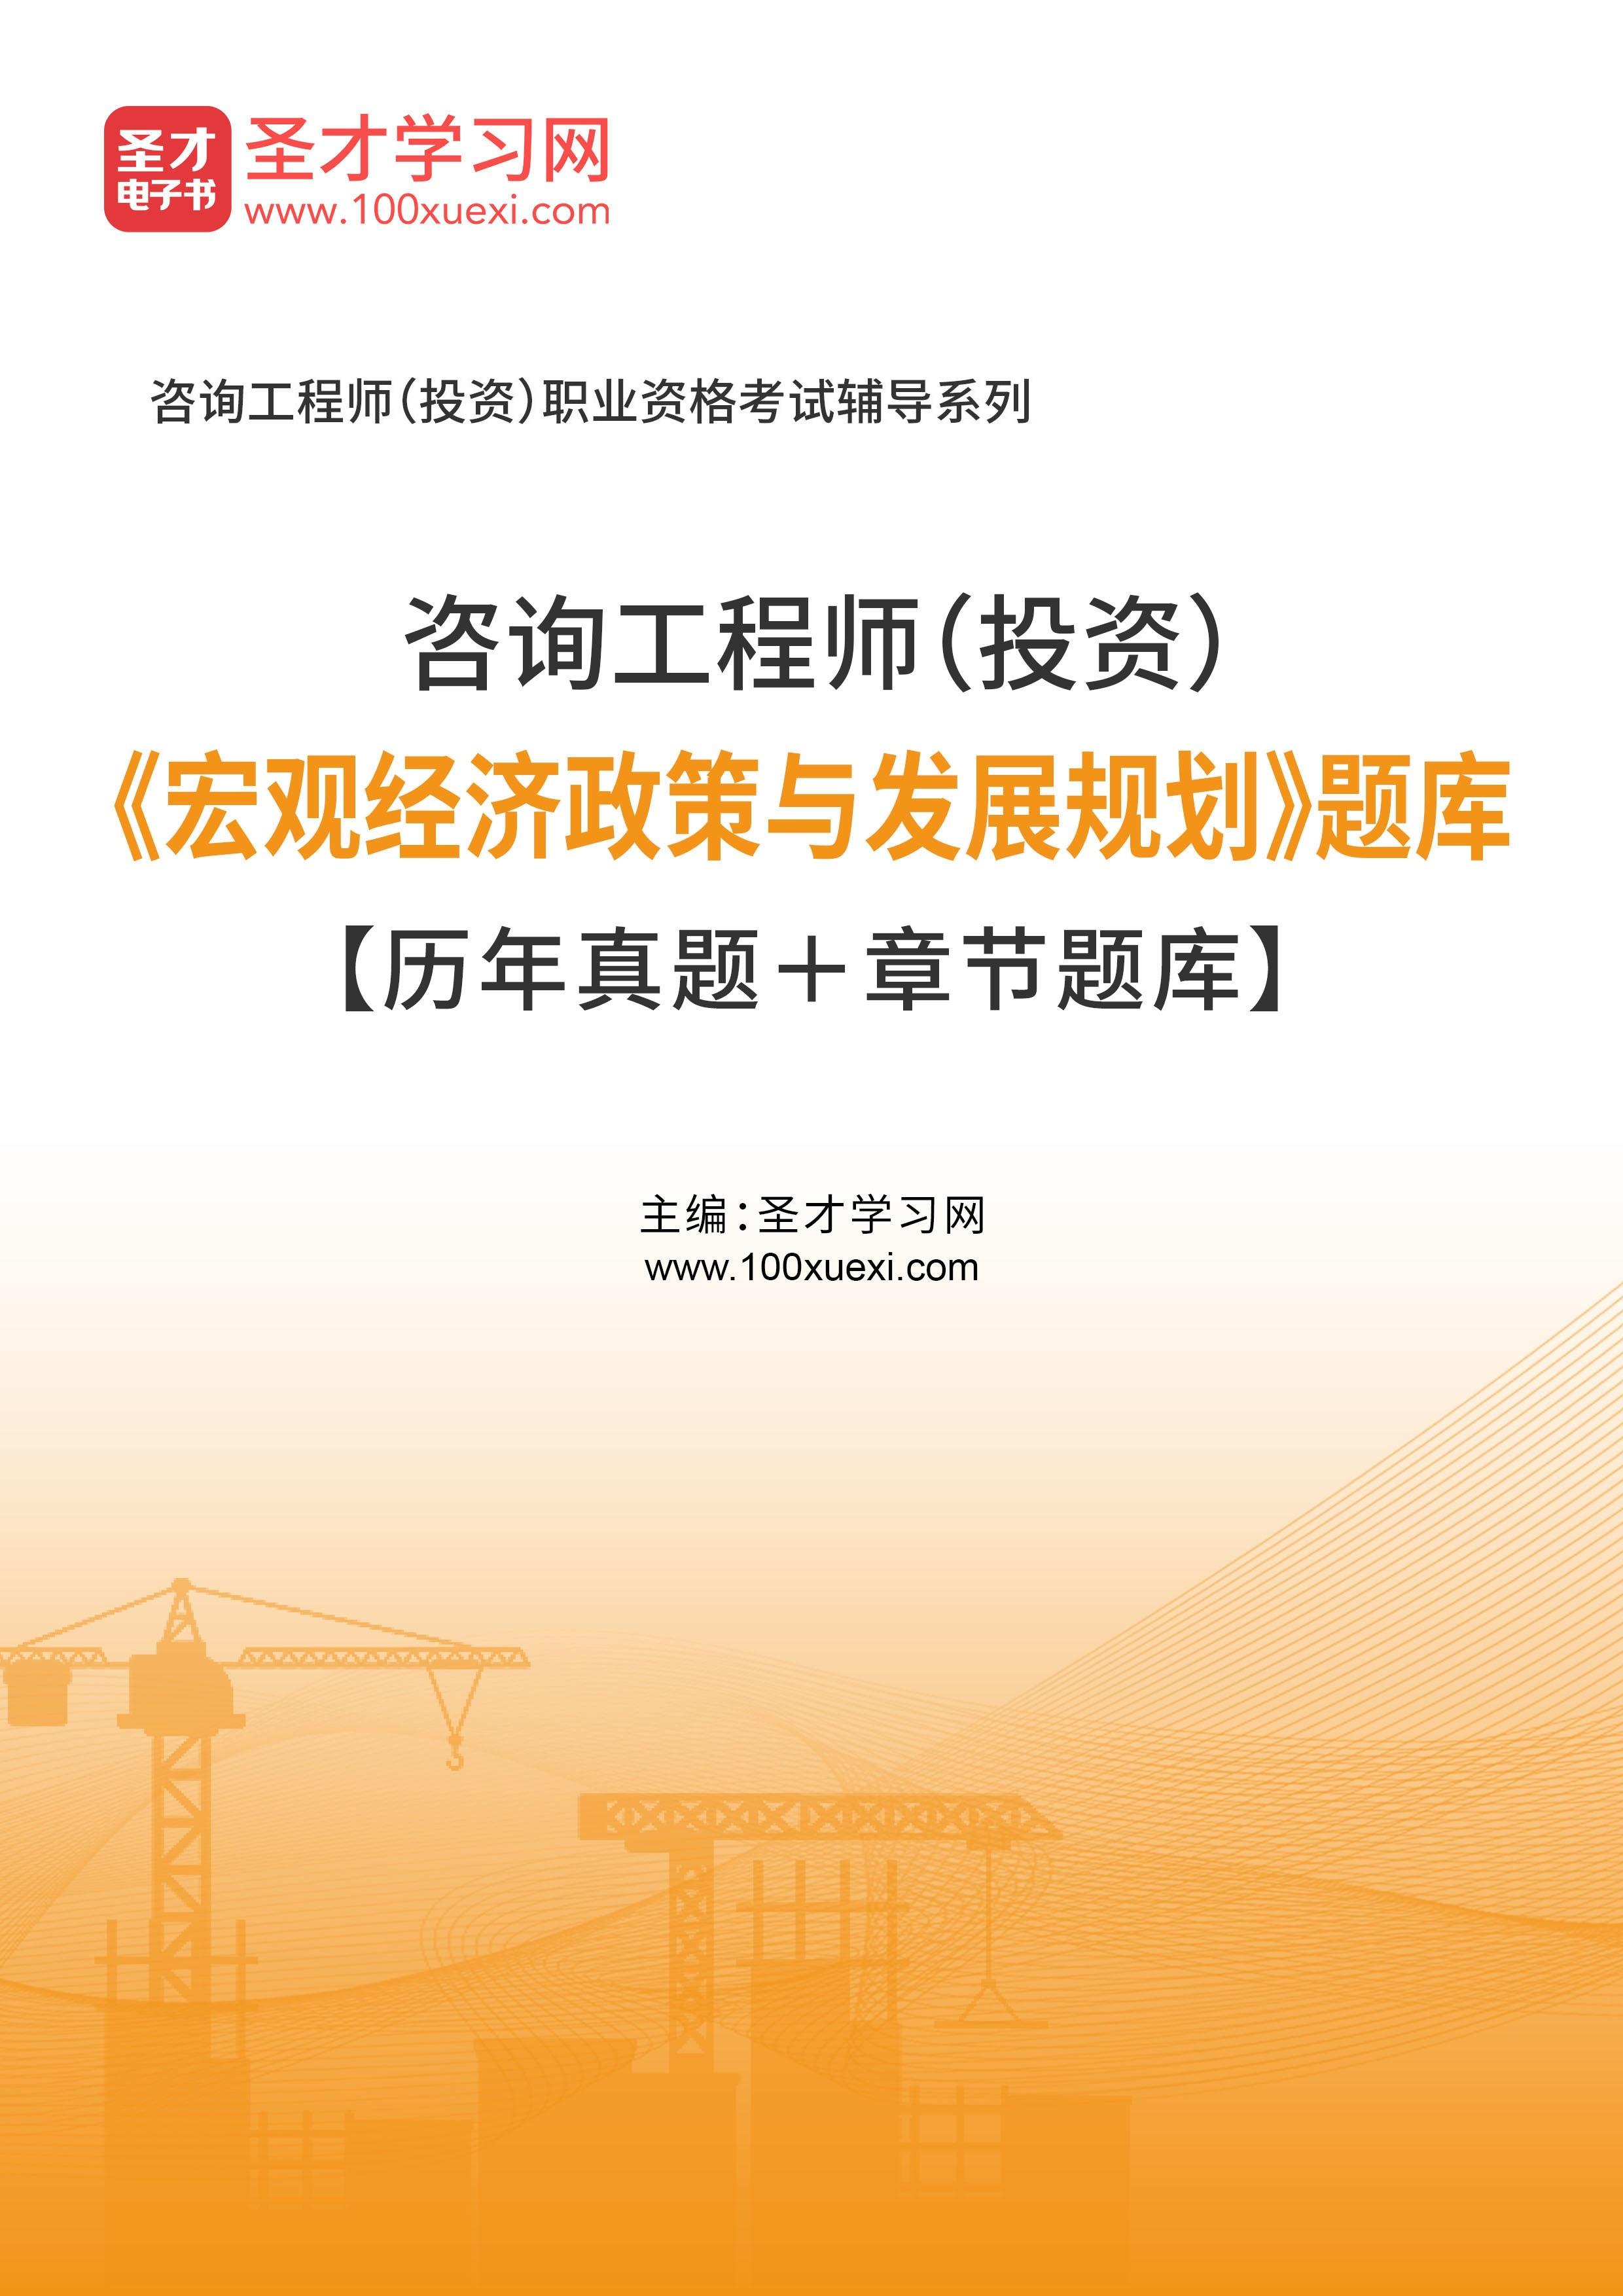 2021年咨詢工程師(投資)《宏觀經濟政策與發展規劃》題庫【歷年真題+章節題庫】